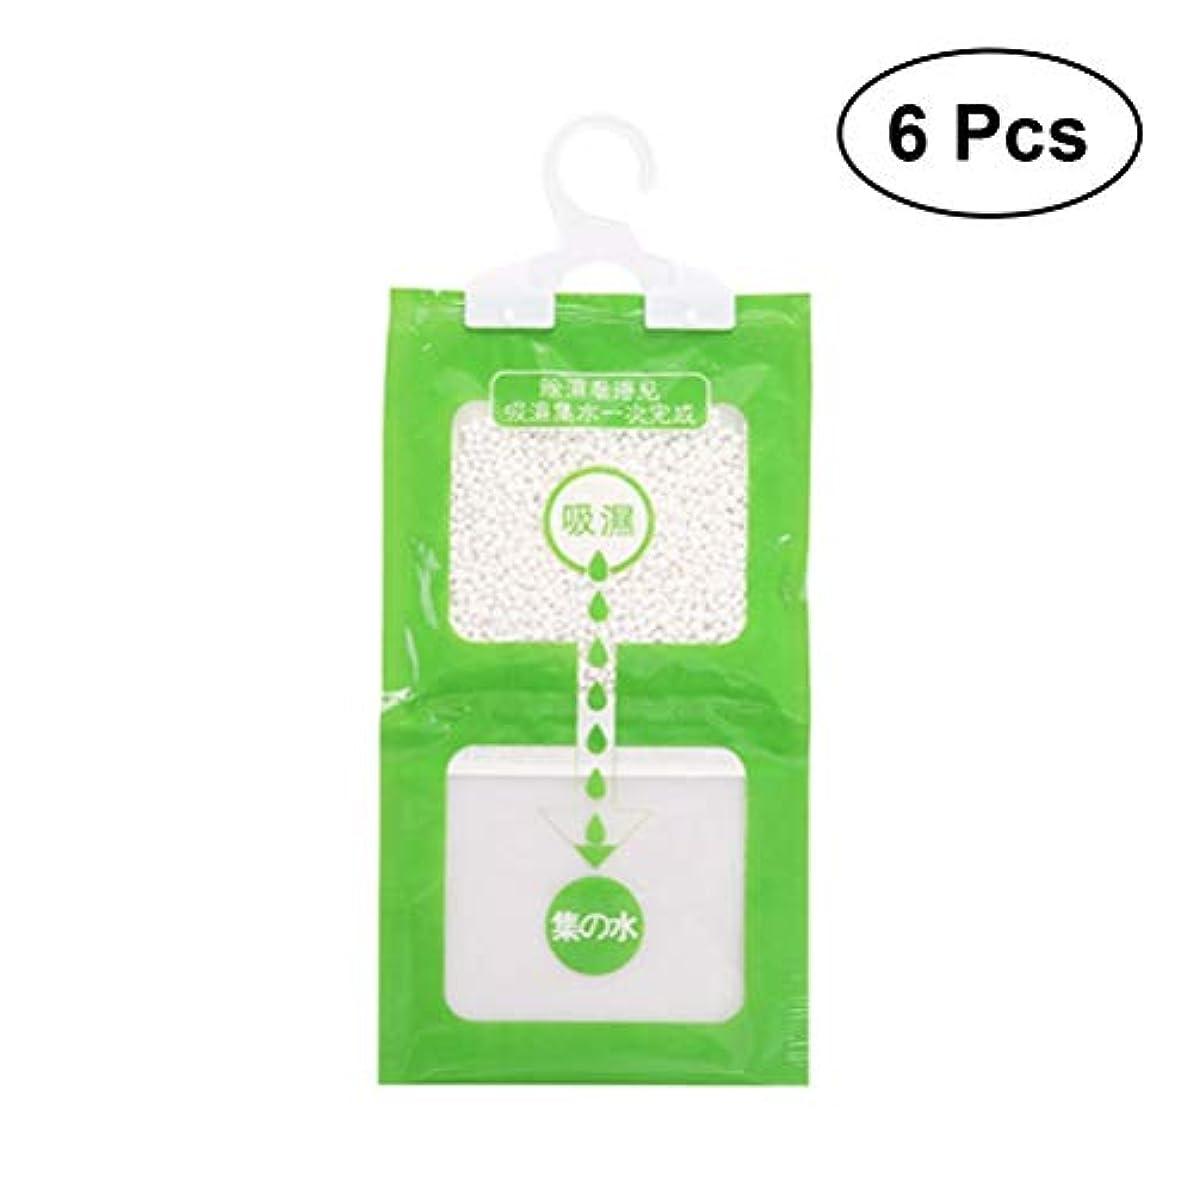 一緒任命する自体Healifty ハンギングモイスチャーアブソーババッグワードローブ除湿器吸湿性アンチモールドデシカントグリーン6個